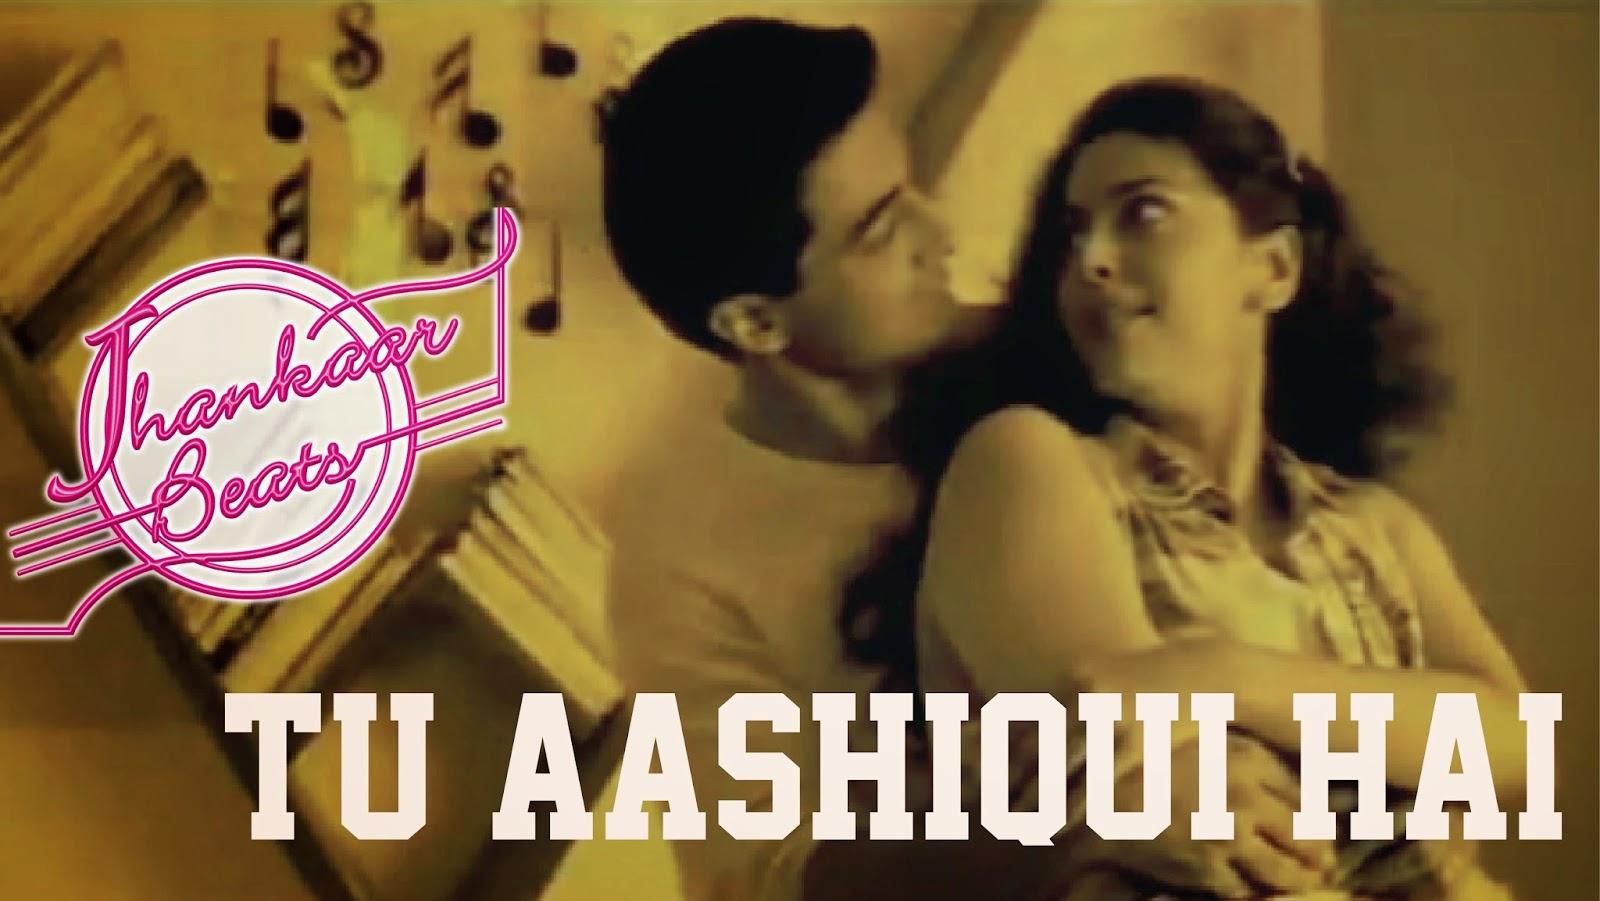 Tu Aashiqui Hai - Guitar Chords - Jhankar Beats - KK